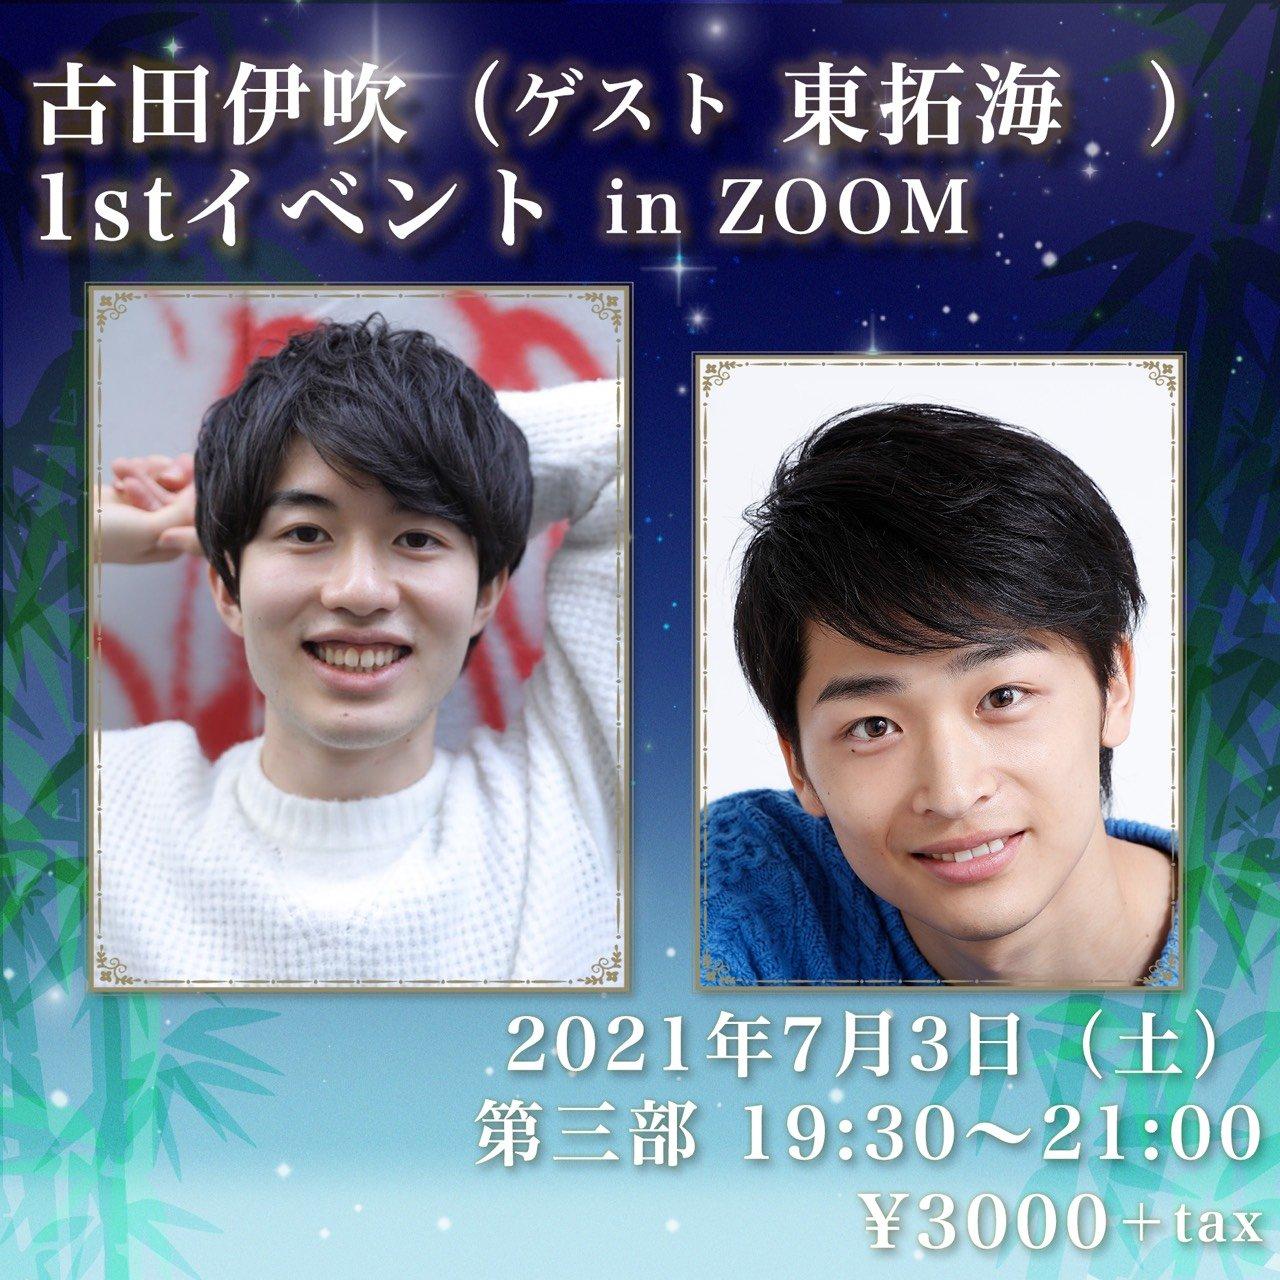 古田伊吹1stイベント in zoom (ゲスト東拓海)7月3日(土)19:30-21:00のイメージその1